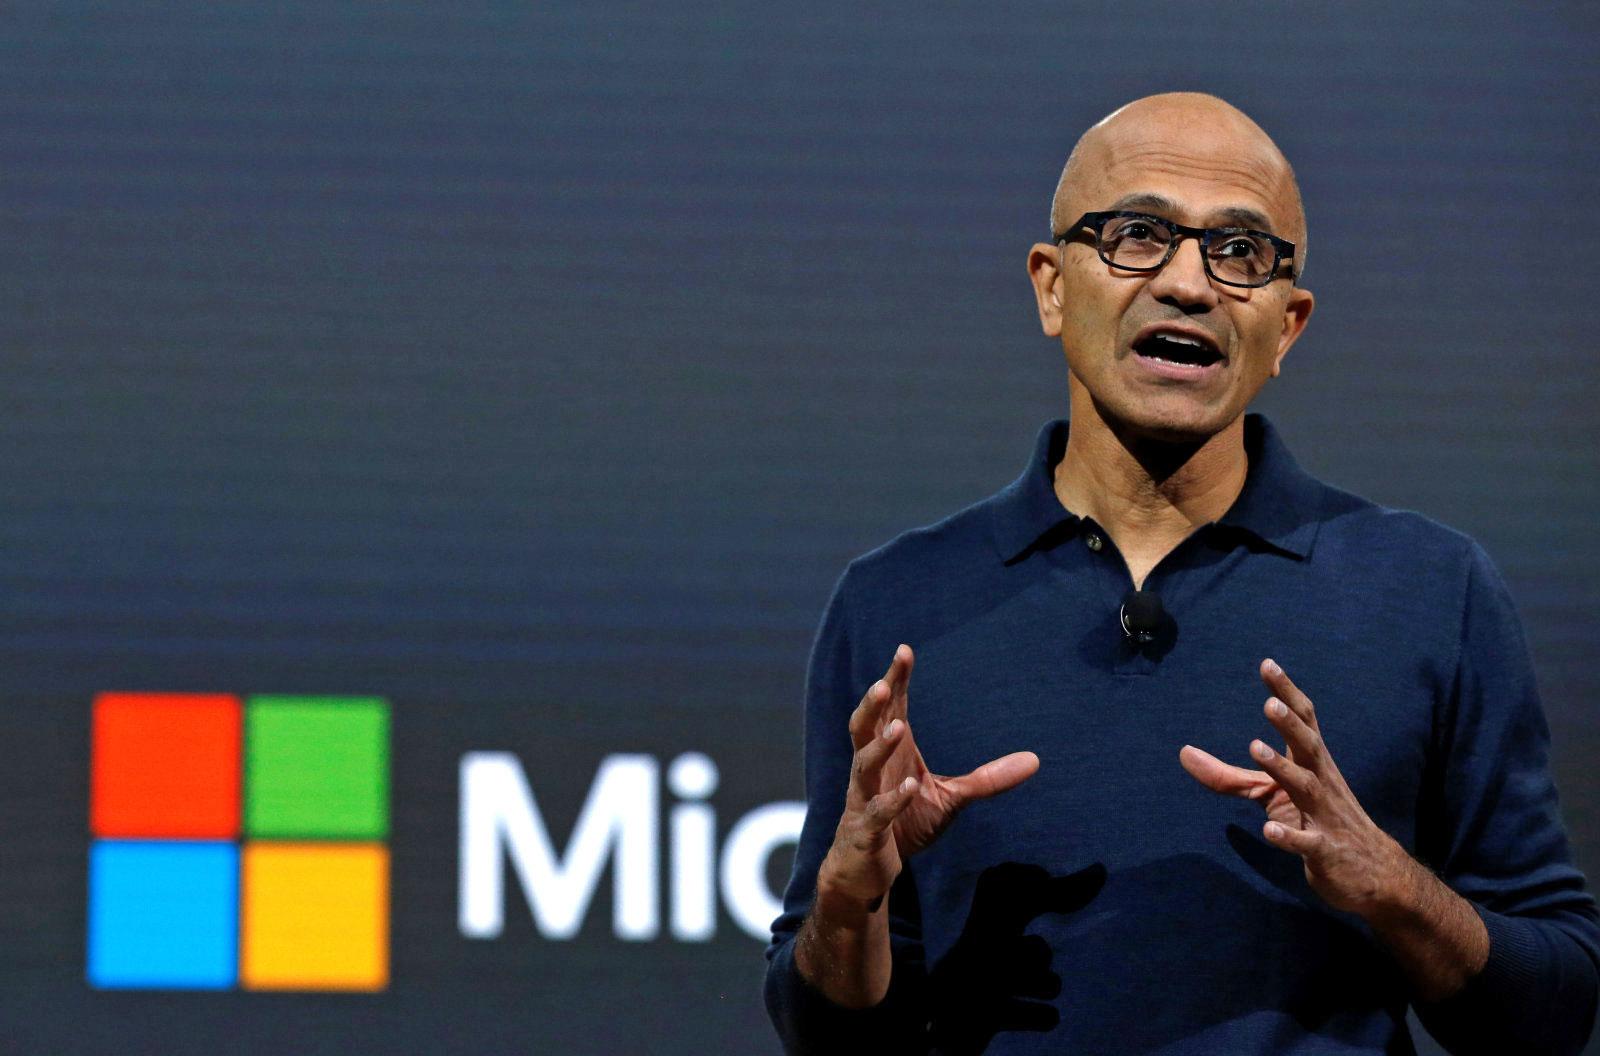 Компания Microsoft: Искусственный интеллект должен помогать людям, ноне угрожать им